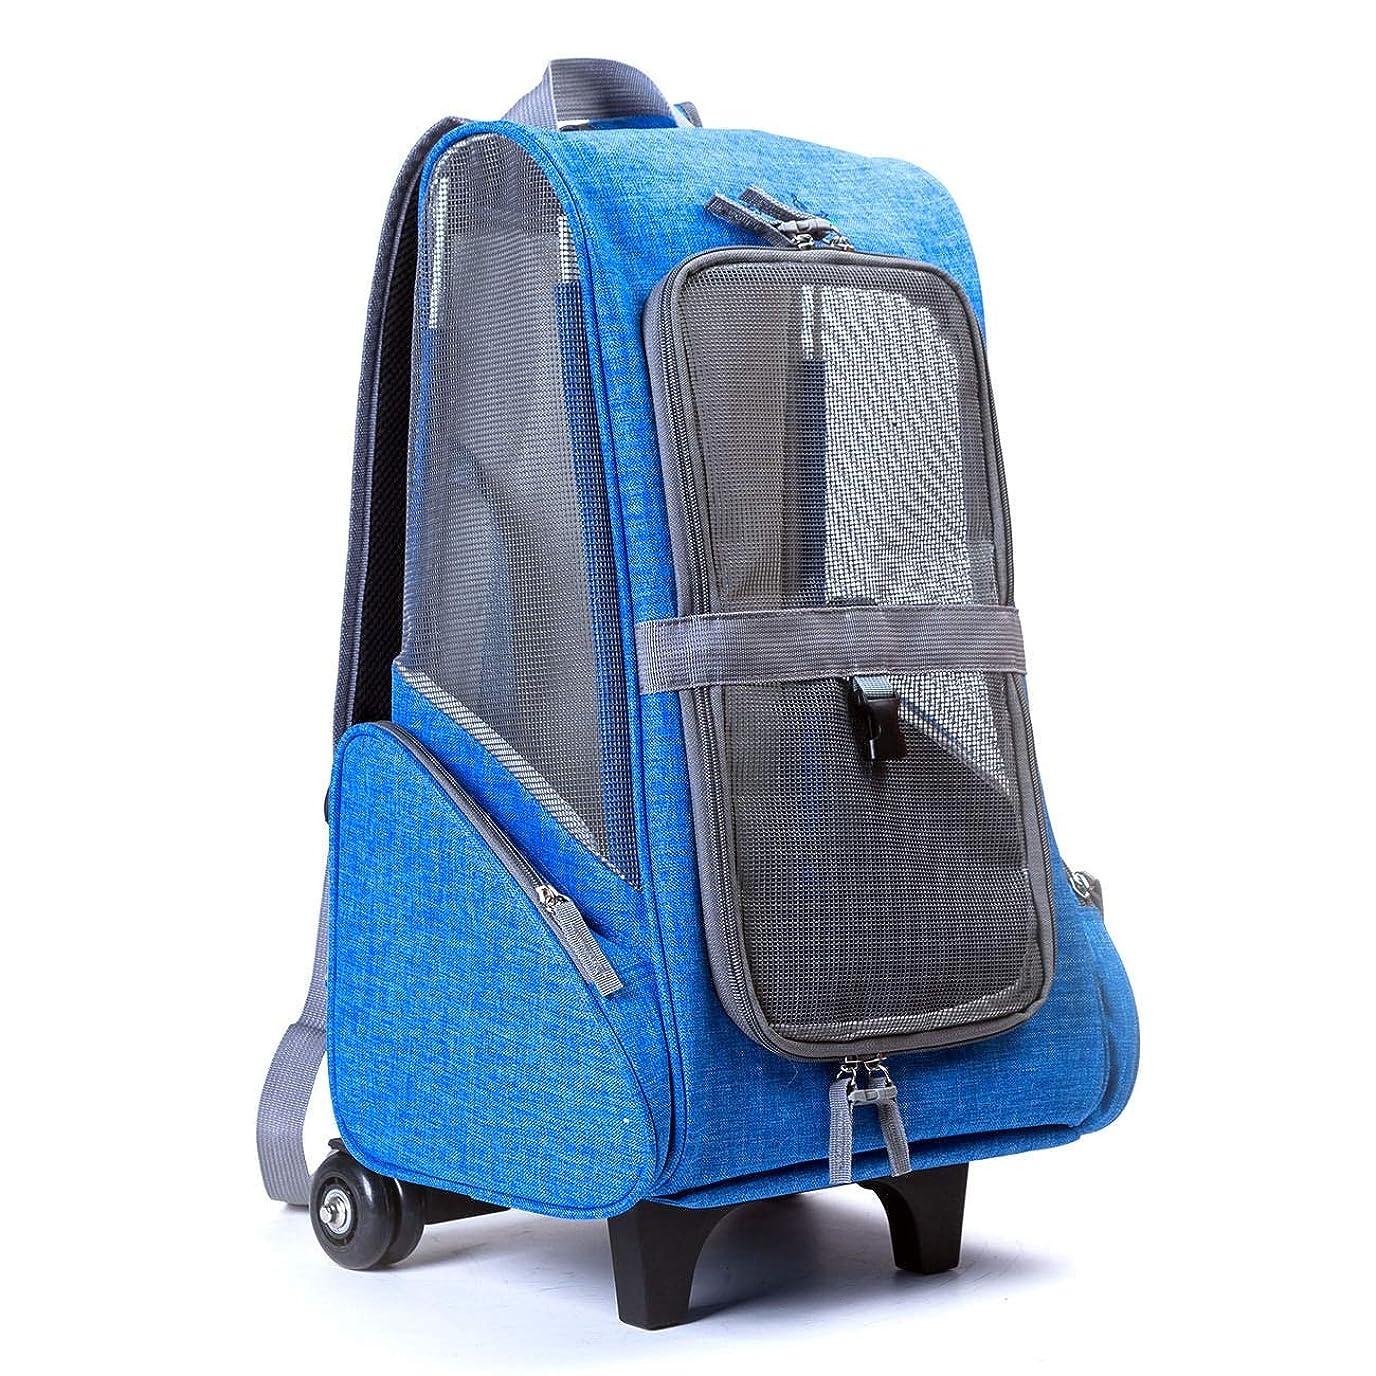 販売員ドルジョガーペットキャリー, ペットバックパック 通気性メッシュ 犬 輸送ボックス ねこ 荷物バッグ スーツケース 取り外し可能 2輪トロリー